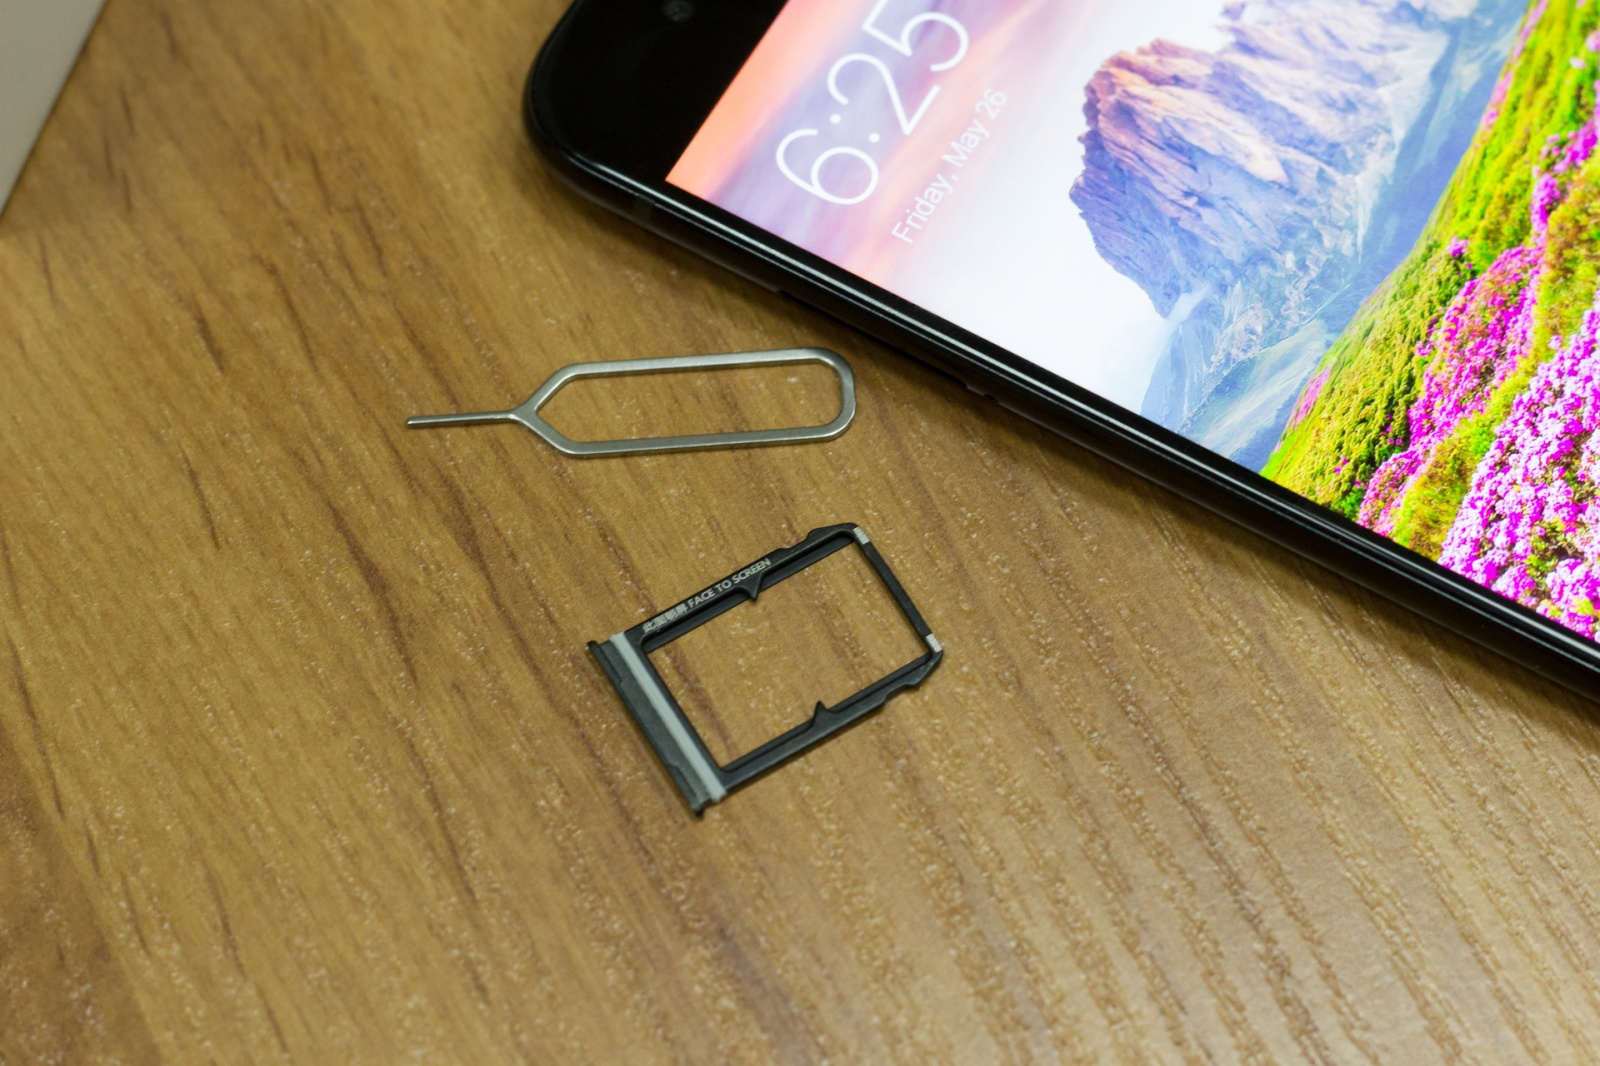 Обзор Xiaomi Mi6. Настоящий флагман за полцены, и при этом не совсем лопата - 9